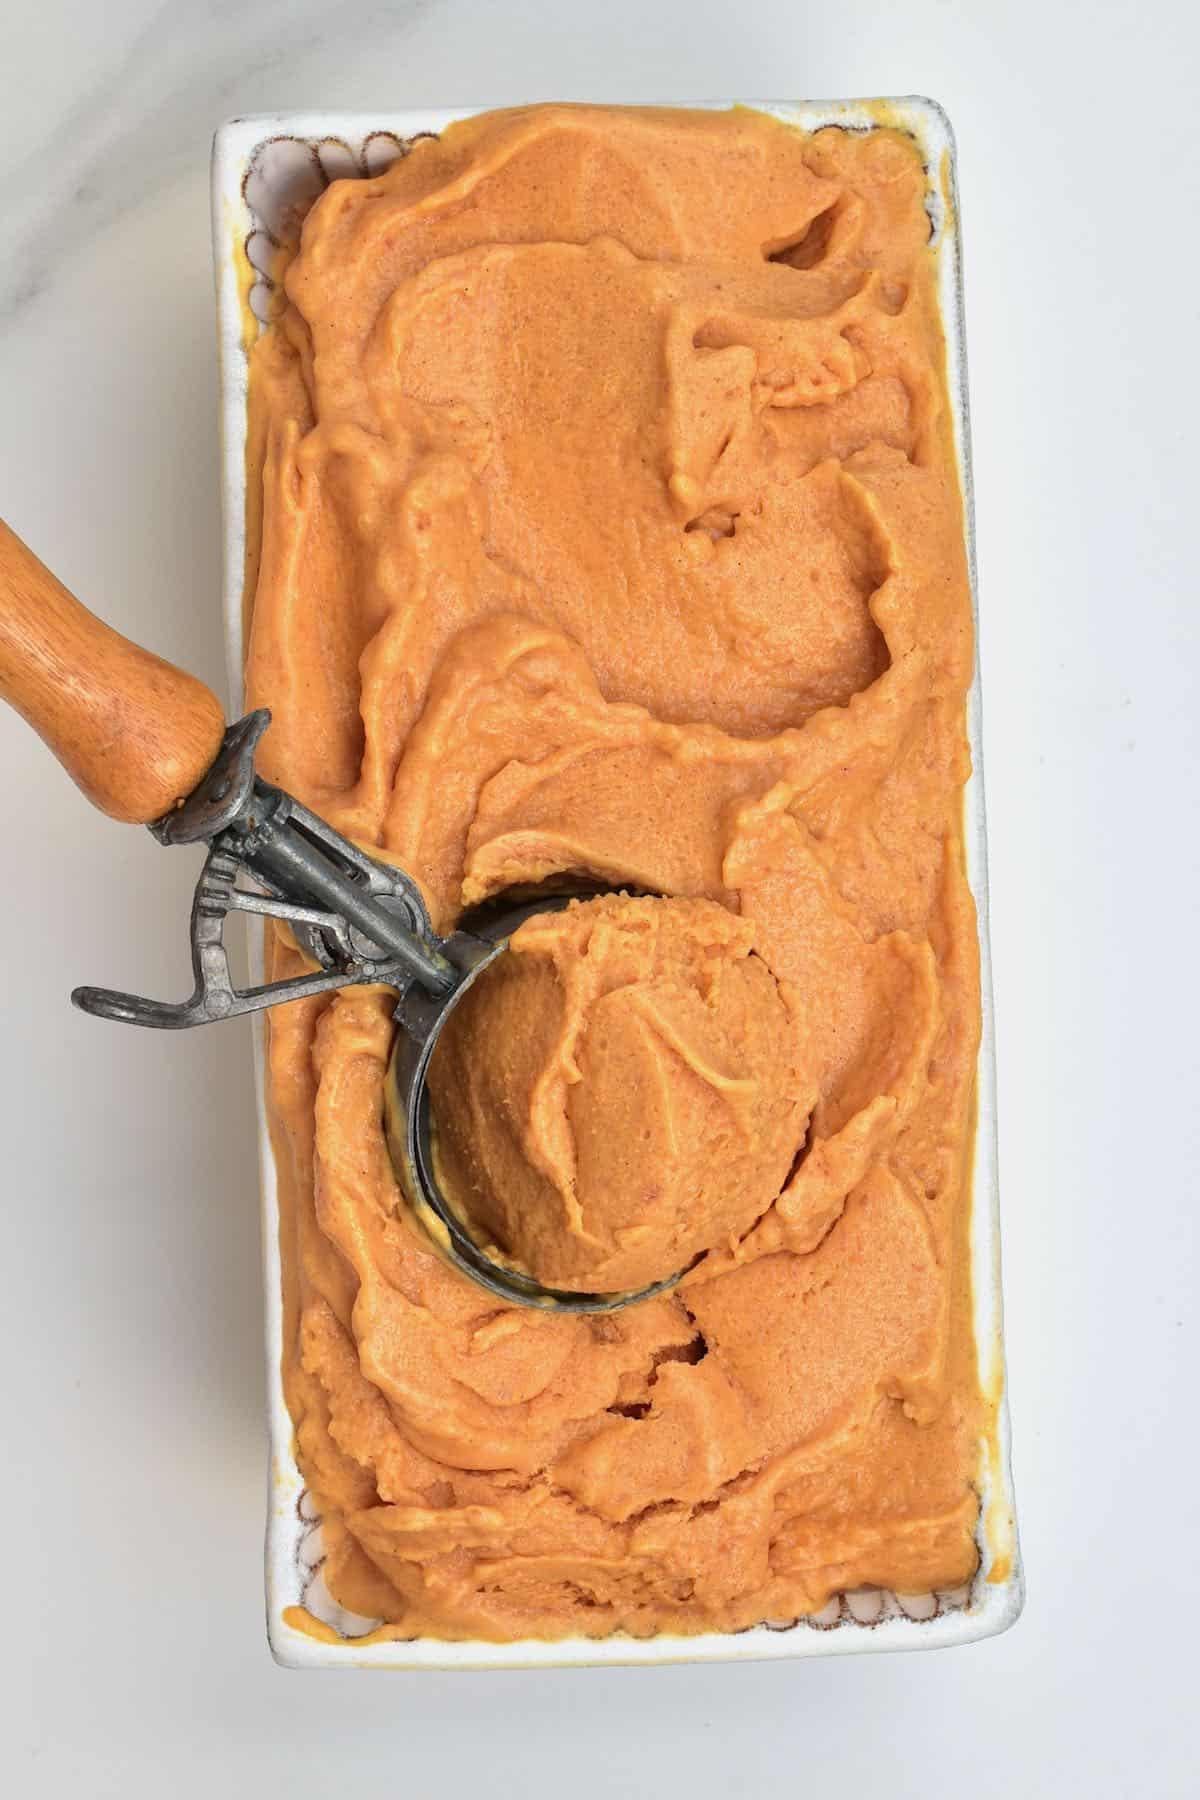 Scooping peach ice cream